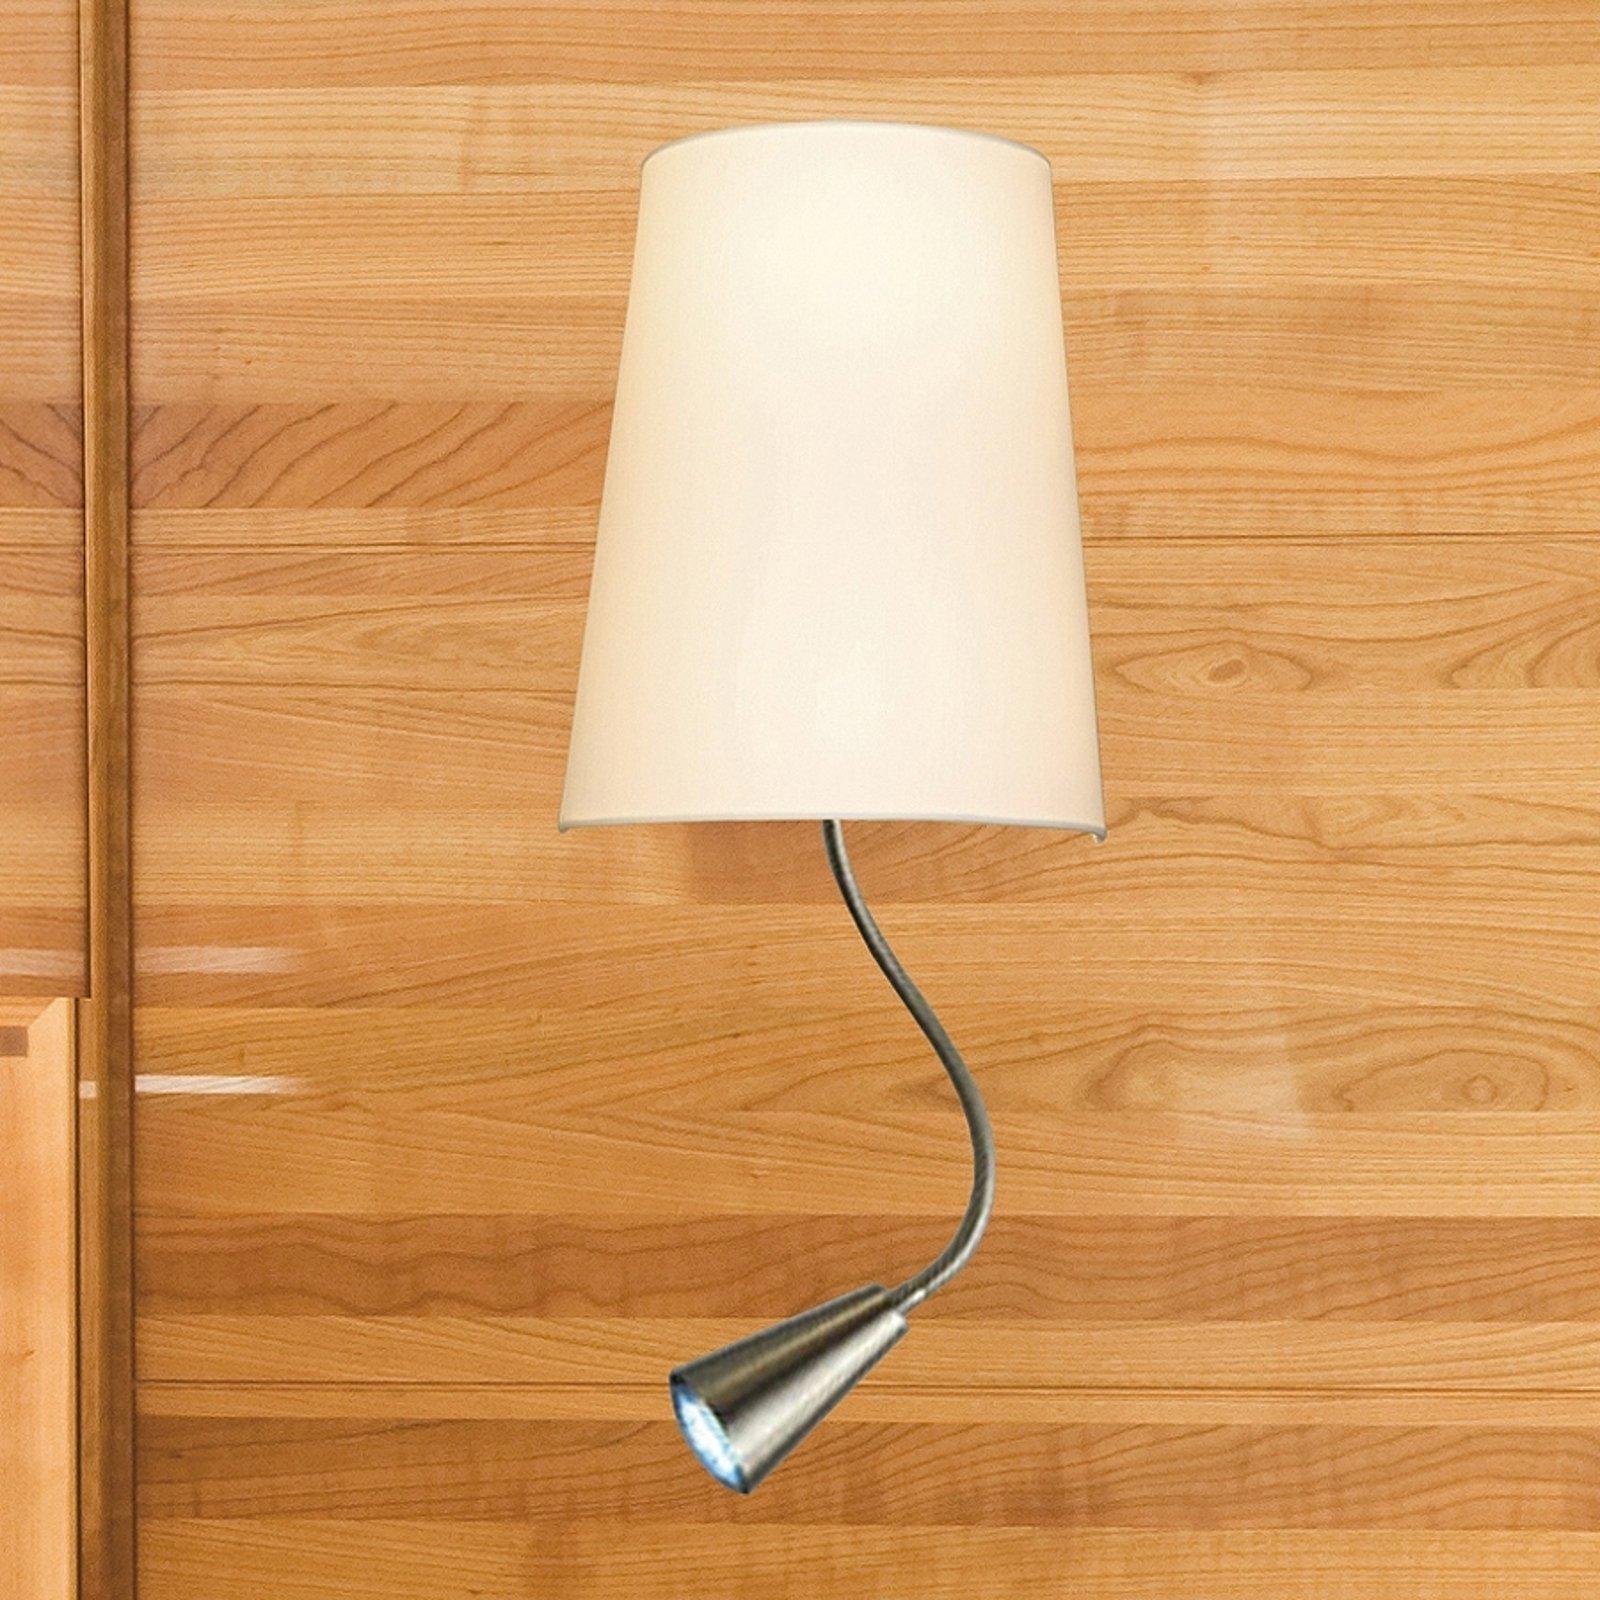 Chino vegglampe med integrert LED-leselys